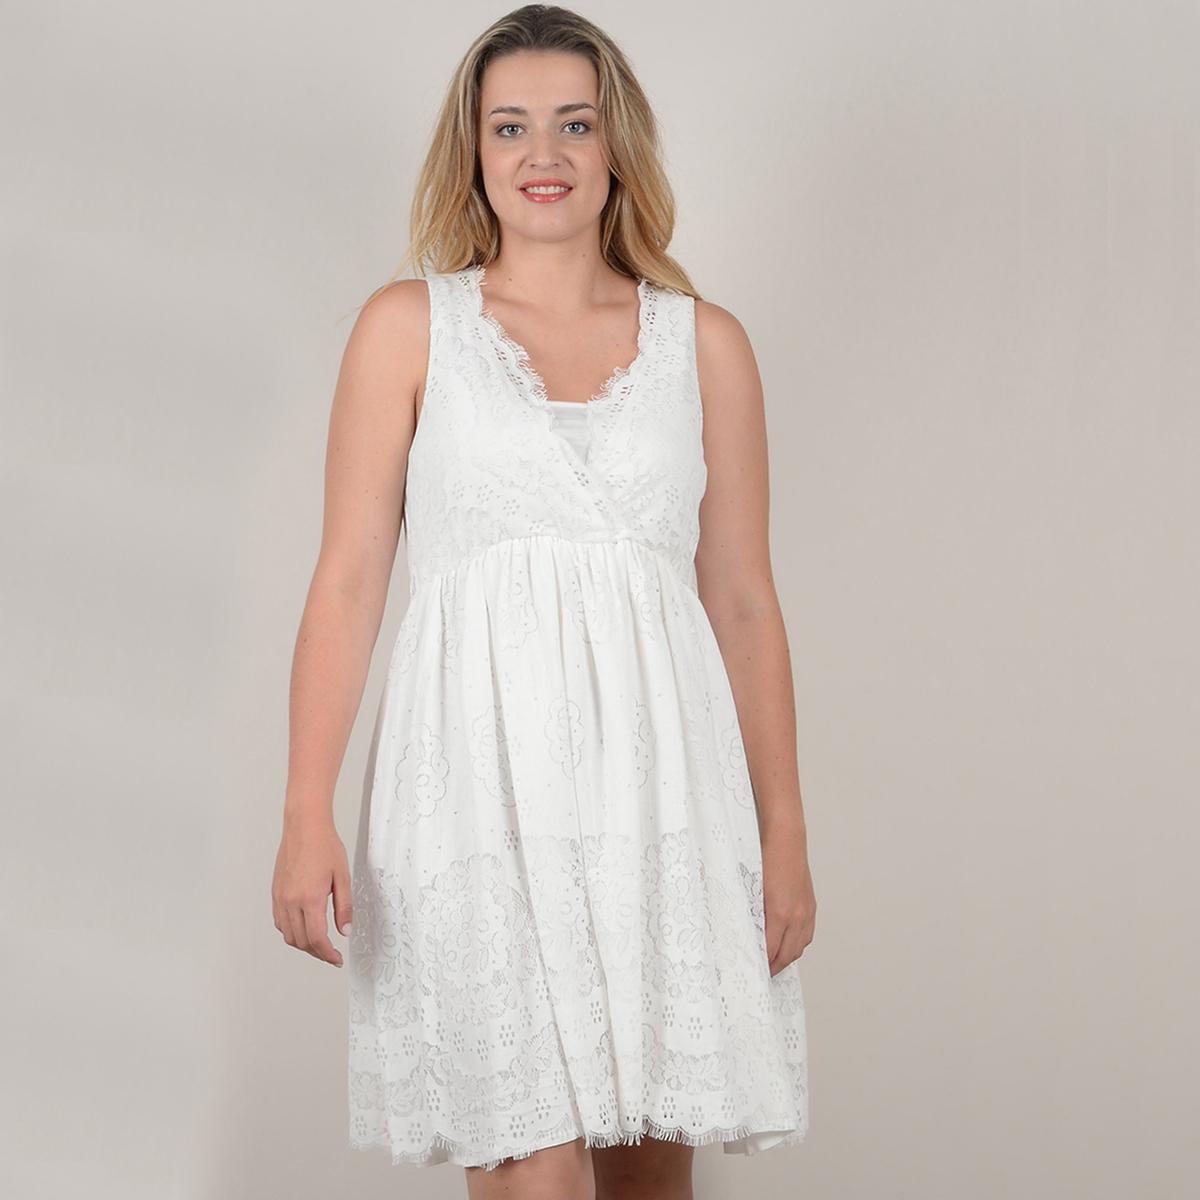 купить Платье короткое расклешенное однотонное, с короткими рукавами по цене 3534.3 рублей